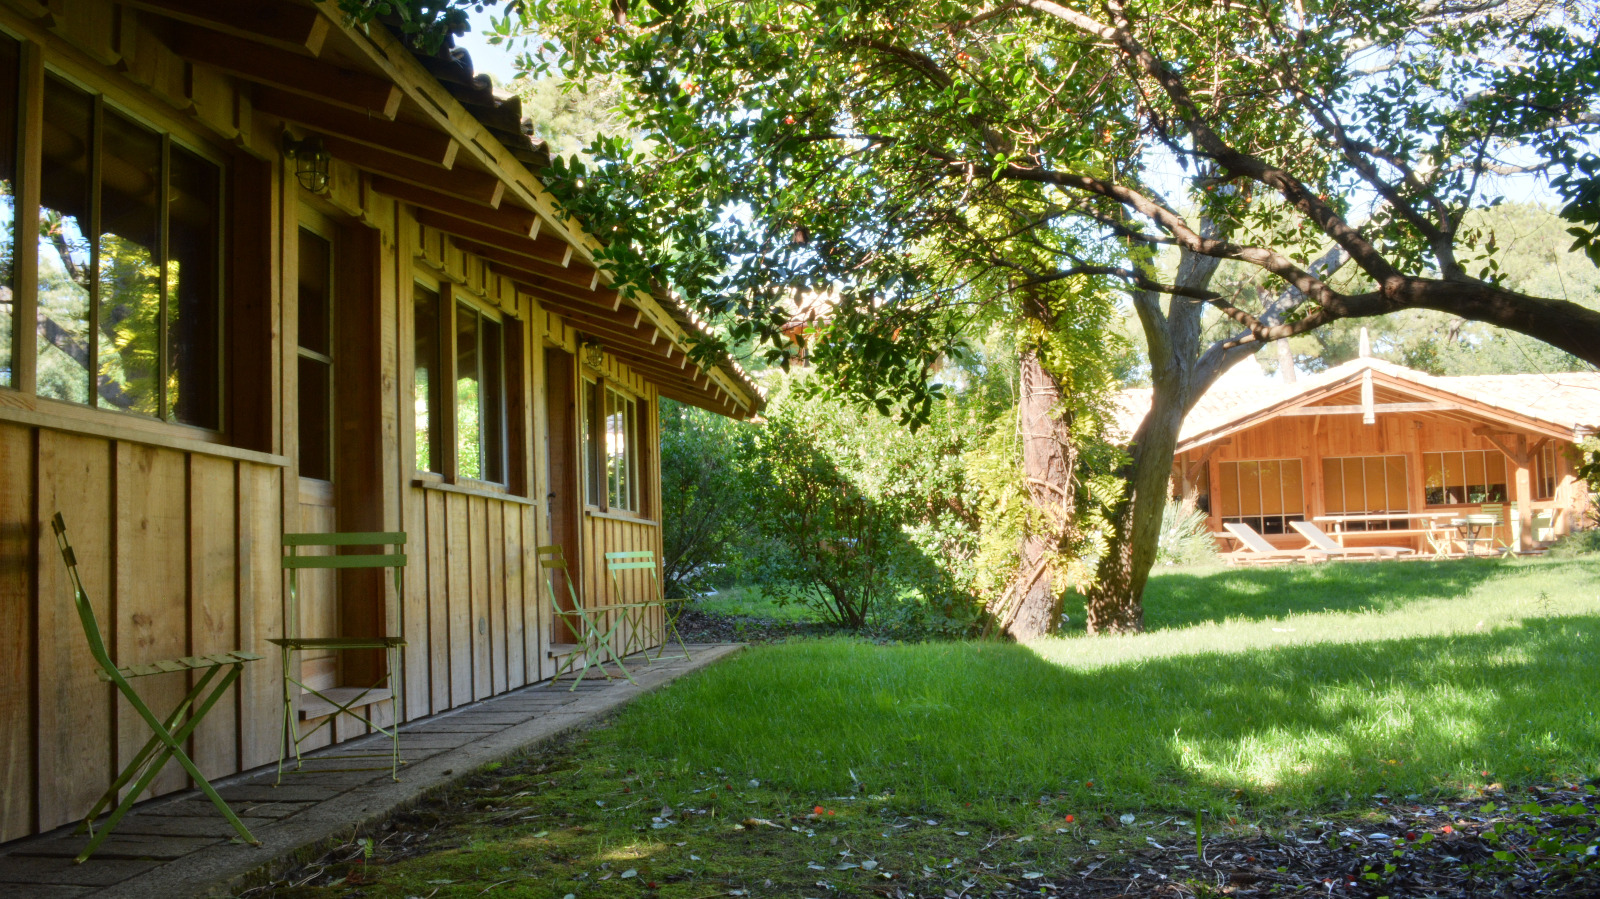 Location Maison En Bois Cap Ferret Maison Moderne